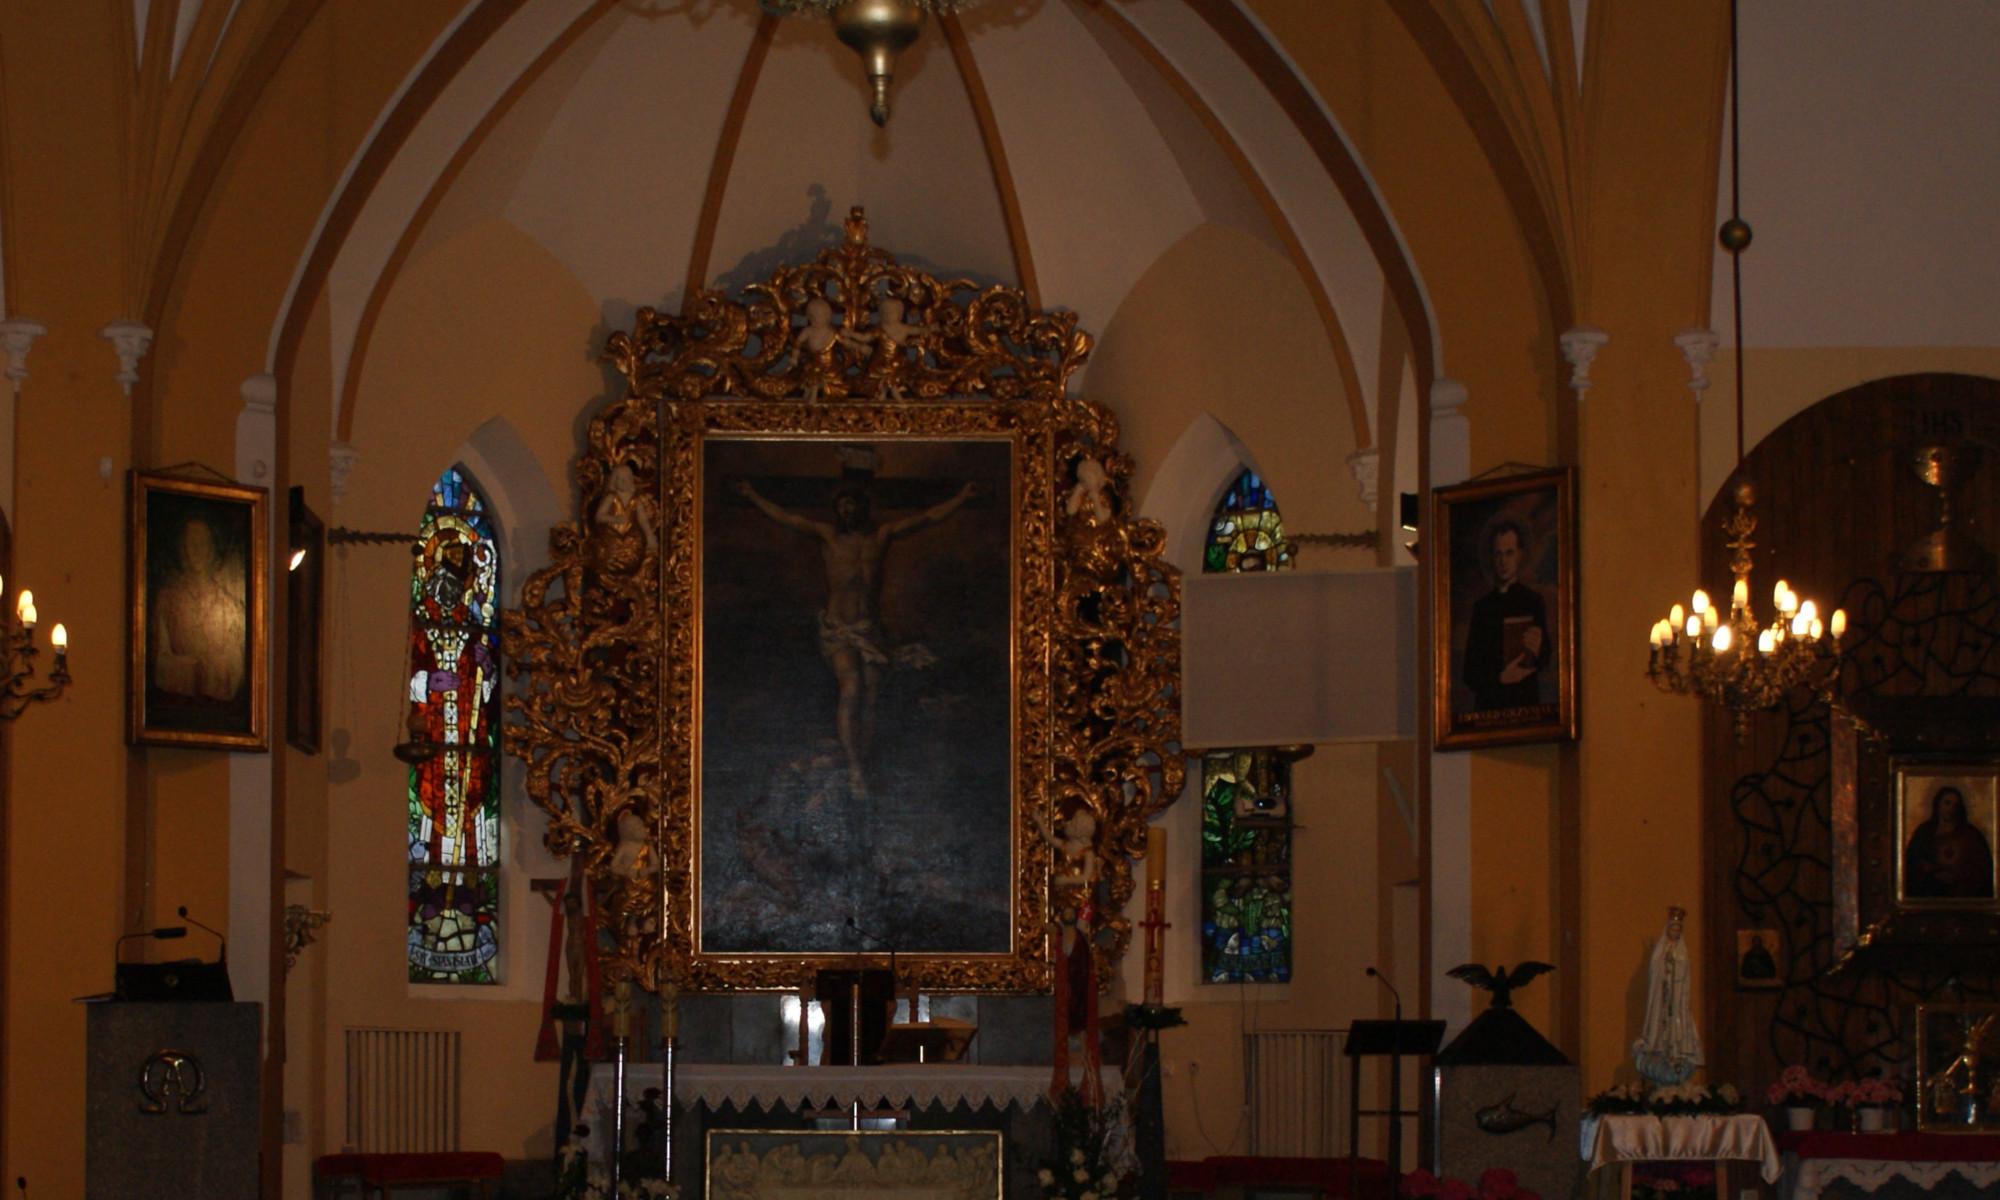 Parafia pod wezwaniem Przemienienia Pańskiego w Aleksandrowie Kujawskim